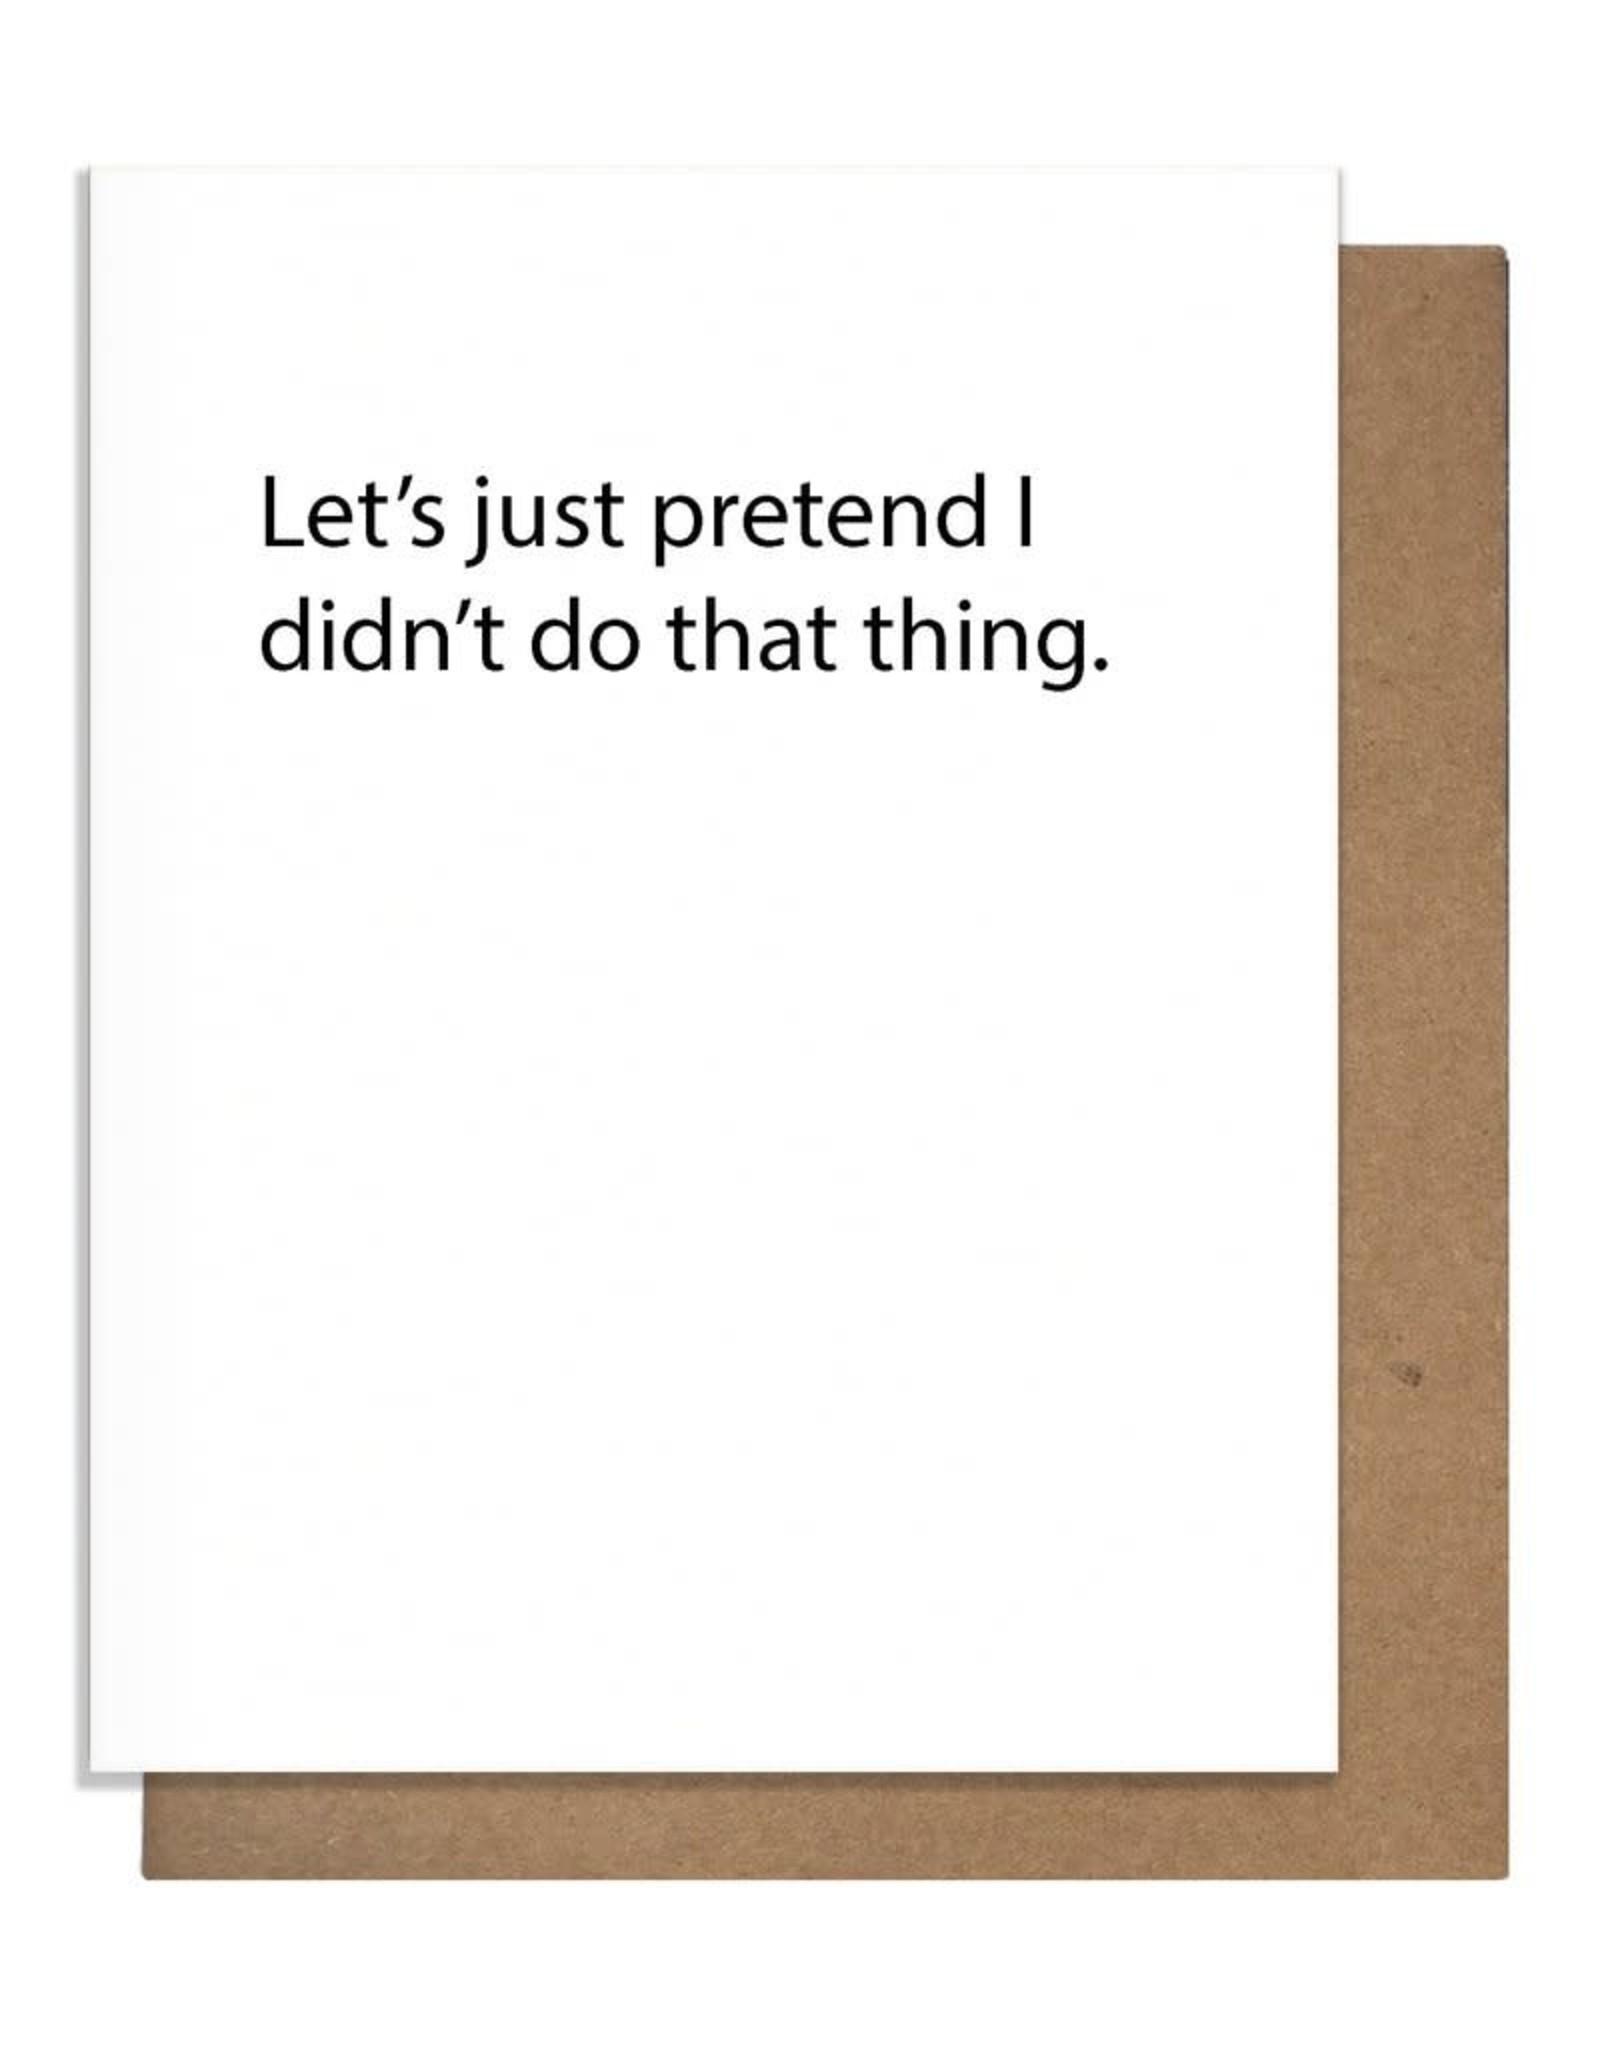 The Matt Butler Let's Just Pretend Card